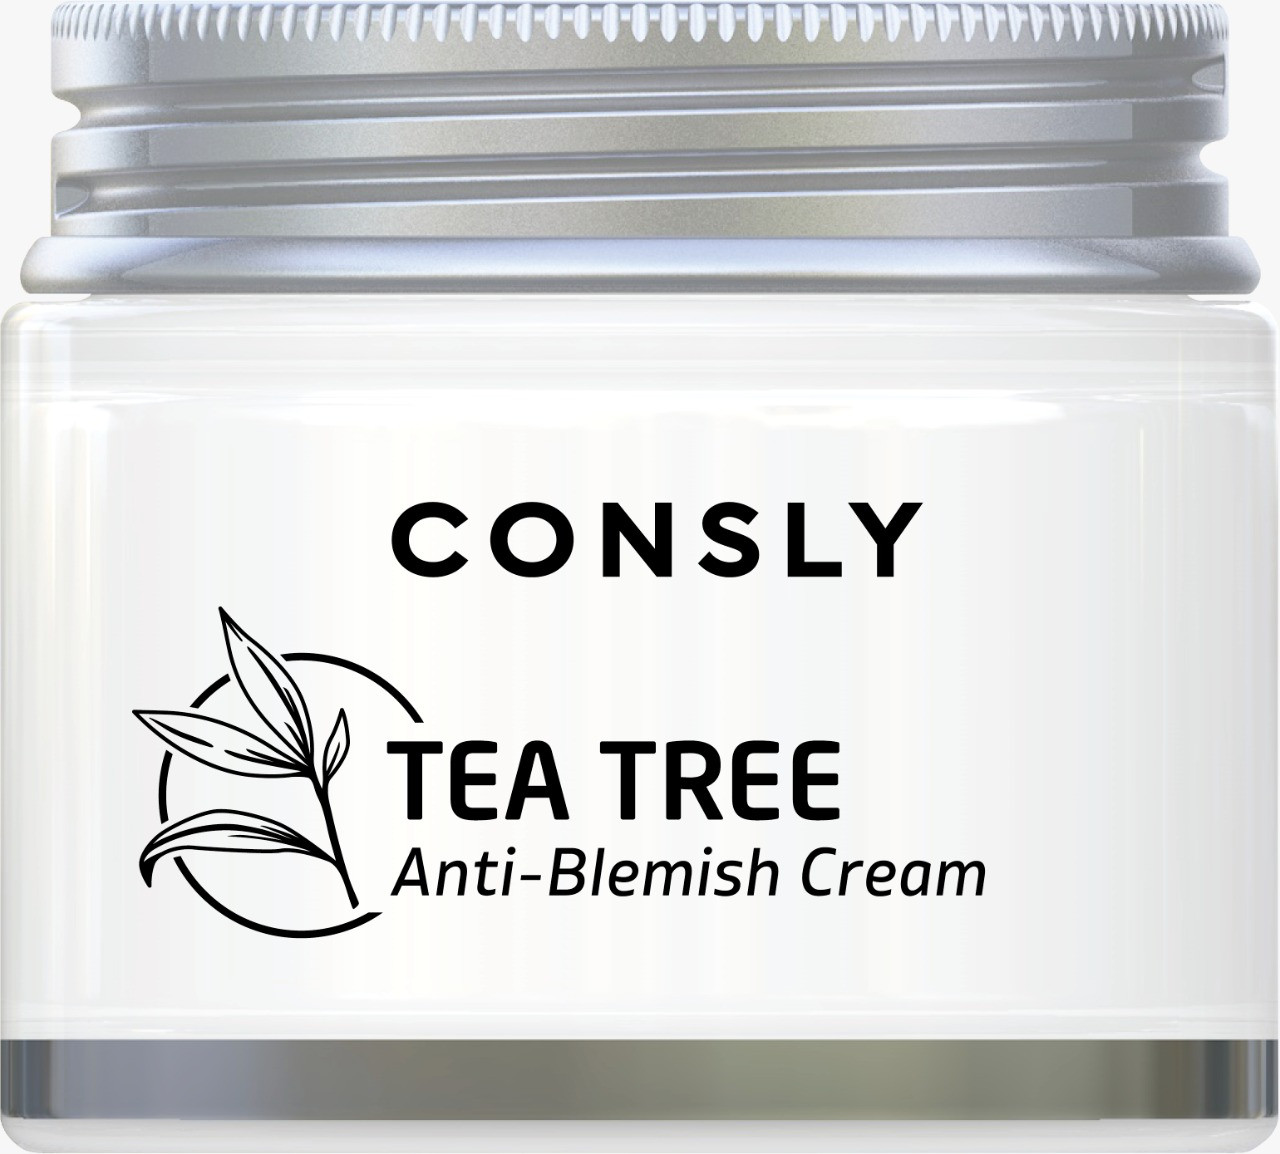 Consly Крем с Чайным деревом Tea Tree Cream 70мл.